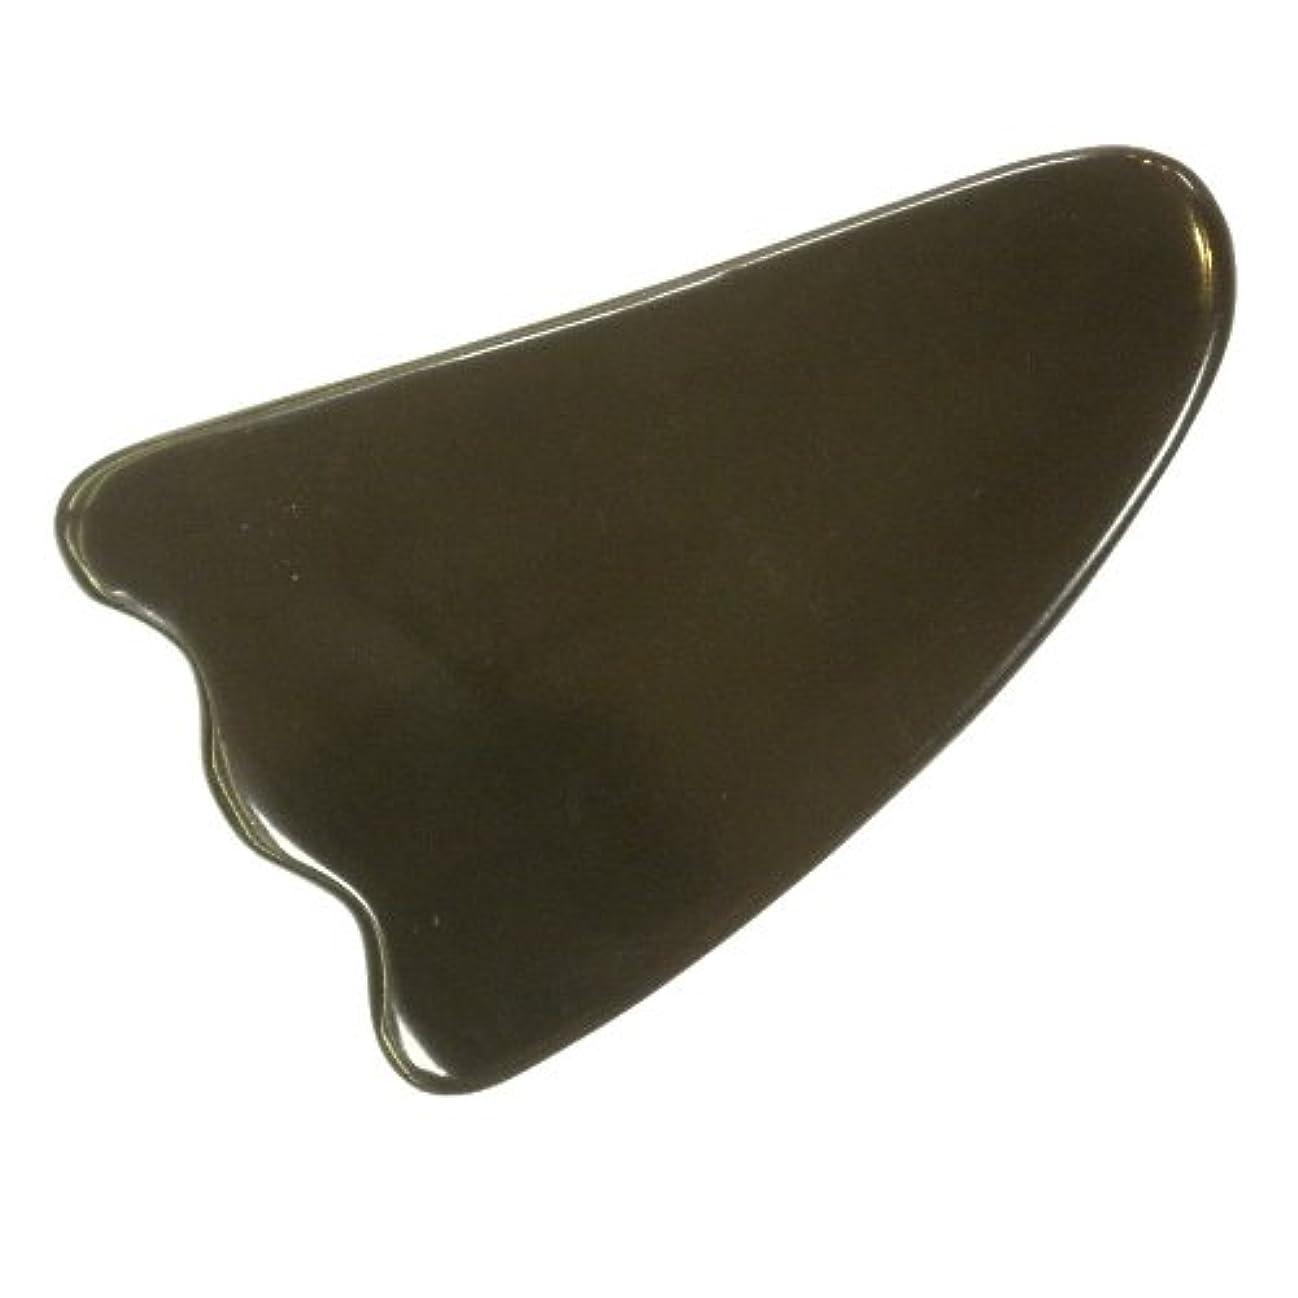 勇者ハーフ意志かっさ プレート 厚さが選べる 水牛の角(黒水牛角) EHE213SP 羽根型 特級品 標準(6ミリ程度)